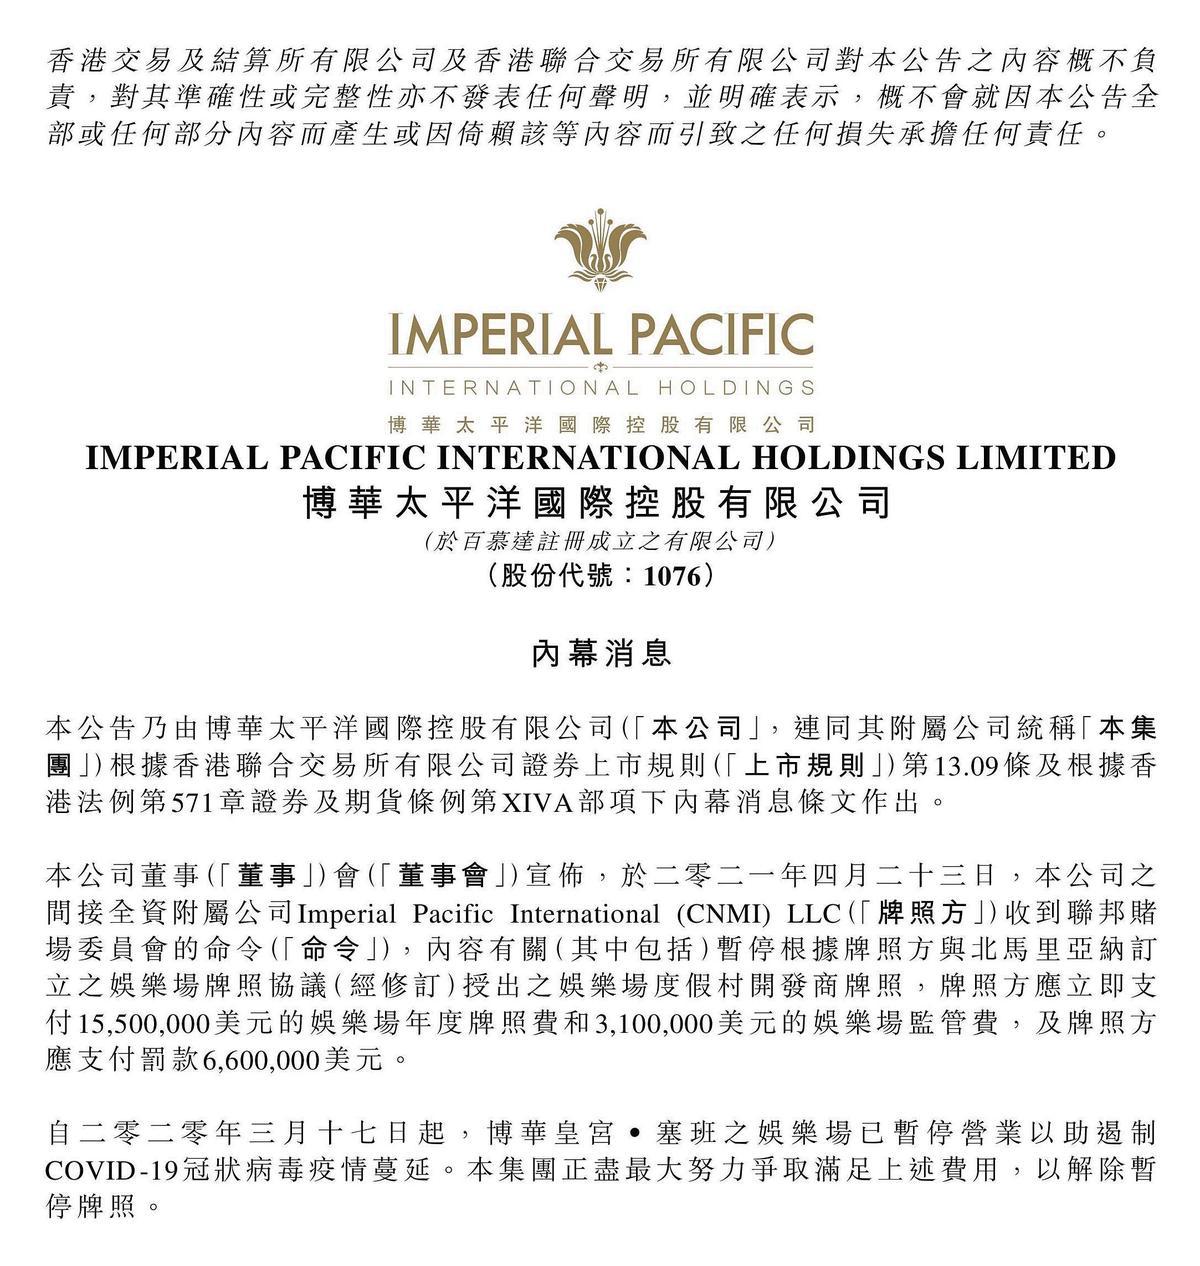 今年4月,紀曉波的「博華太平洋」公司曾公告旗下酒店的執照遭暫停並欠下執照費用。